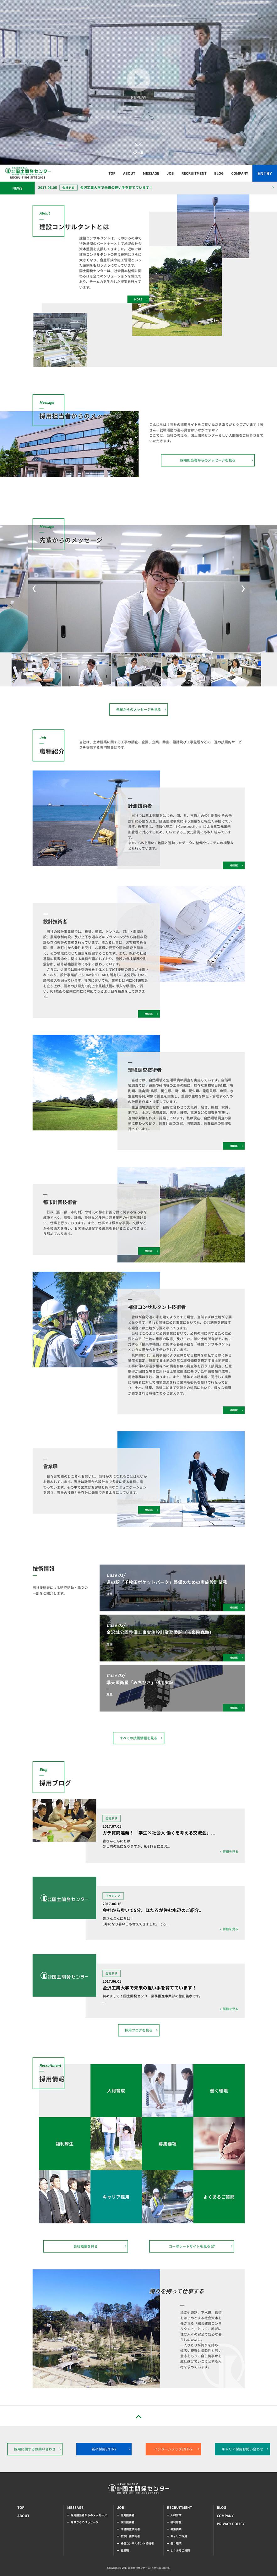 株式会社国土開発センター 採用サイト